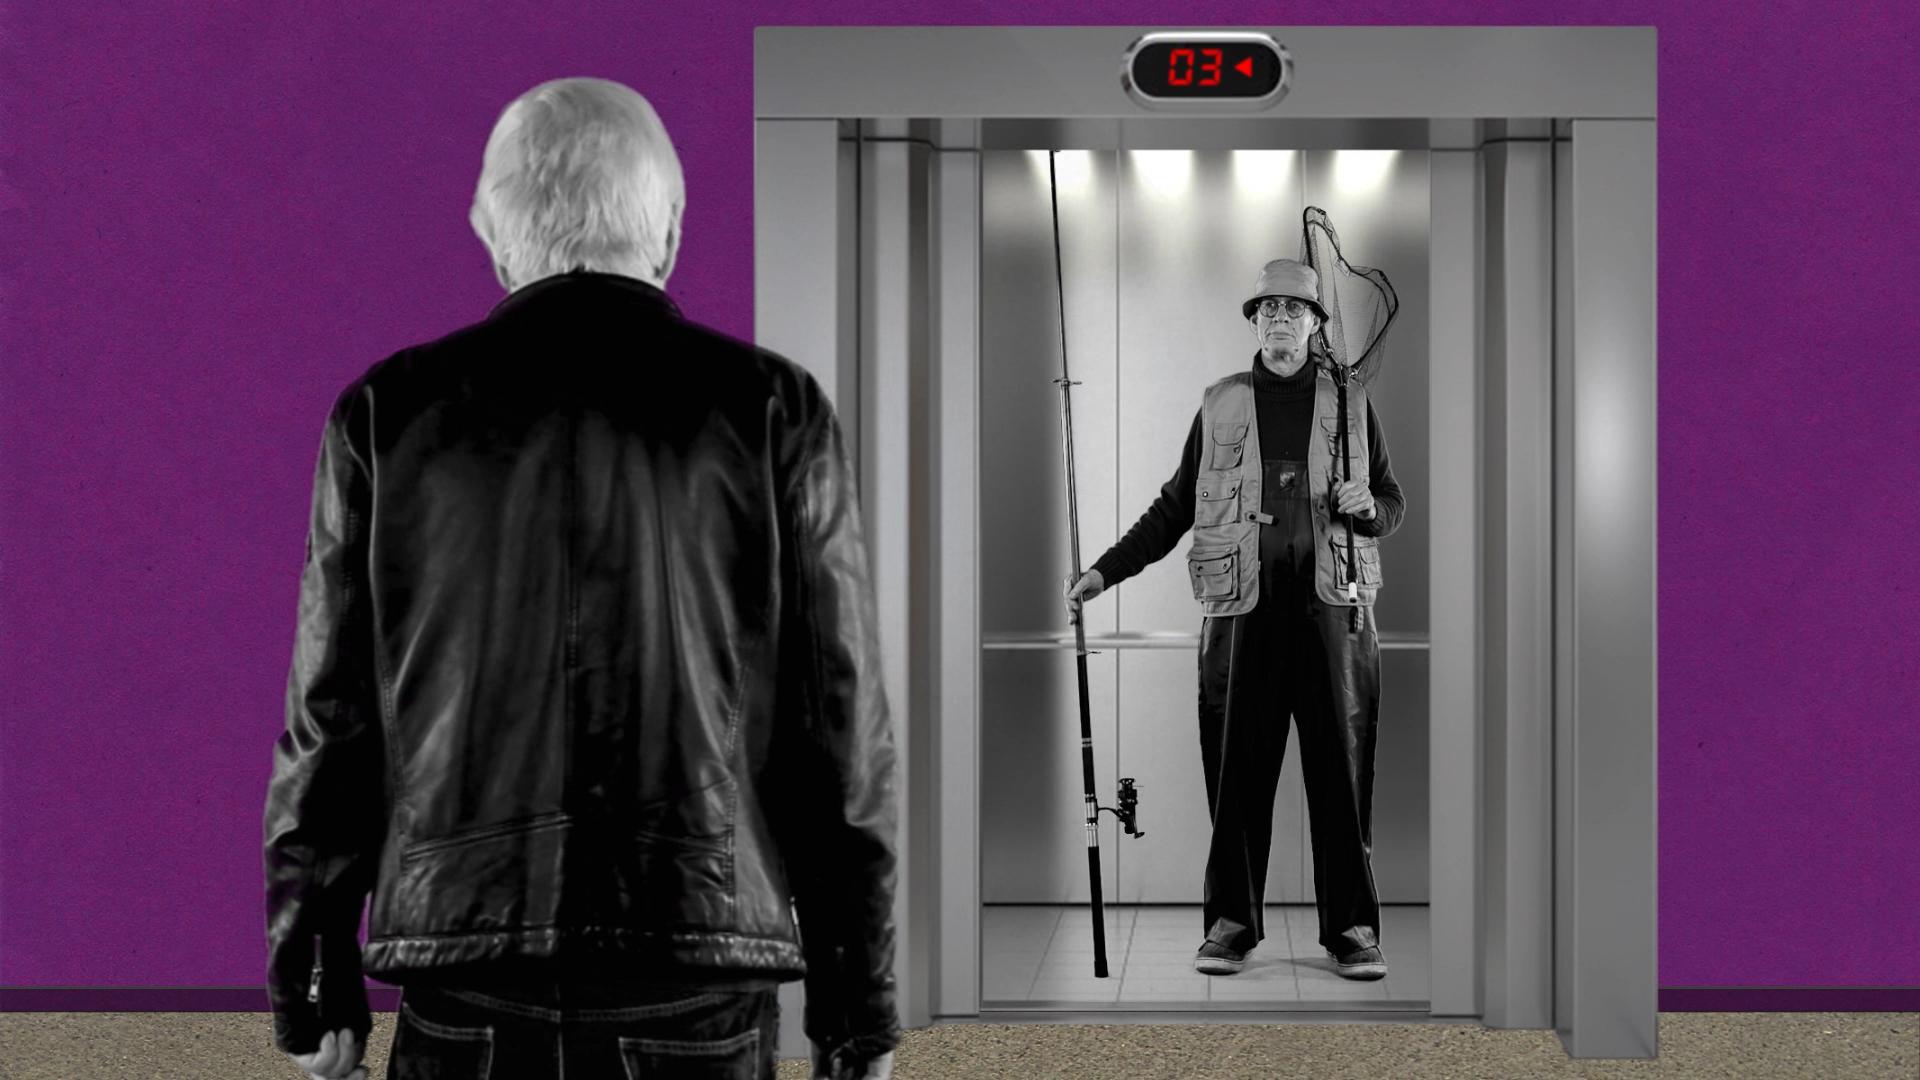 Am Aufzug